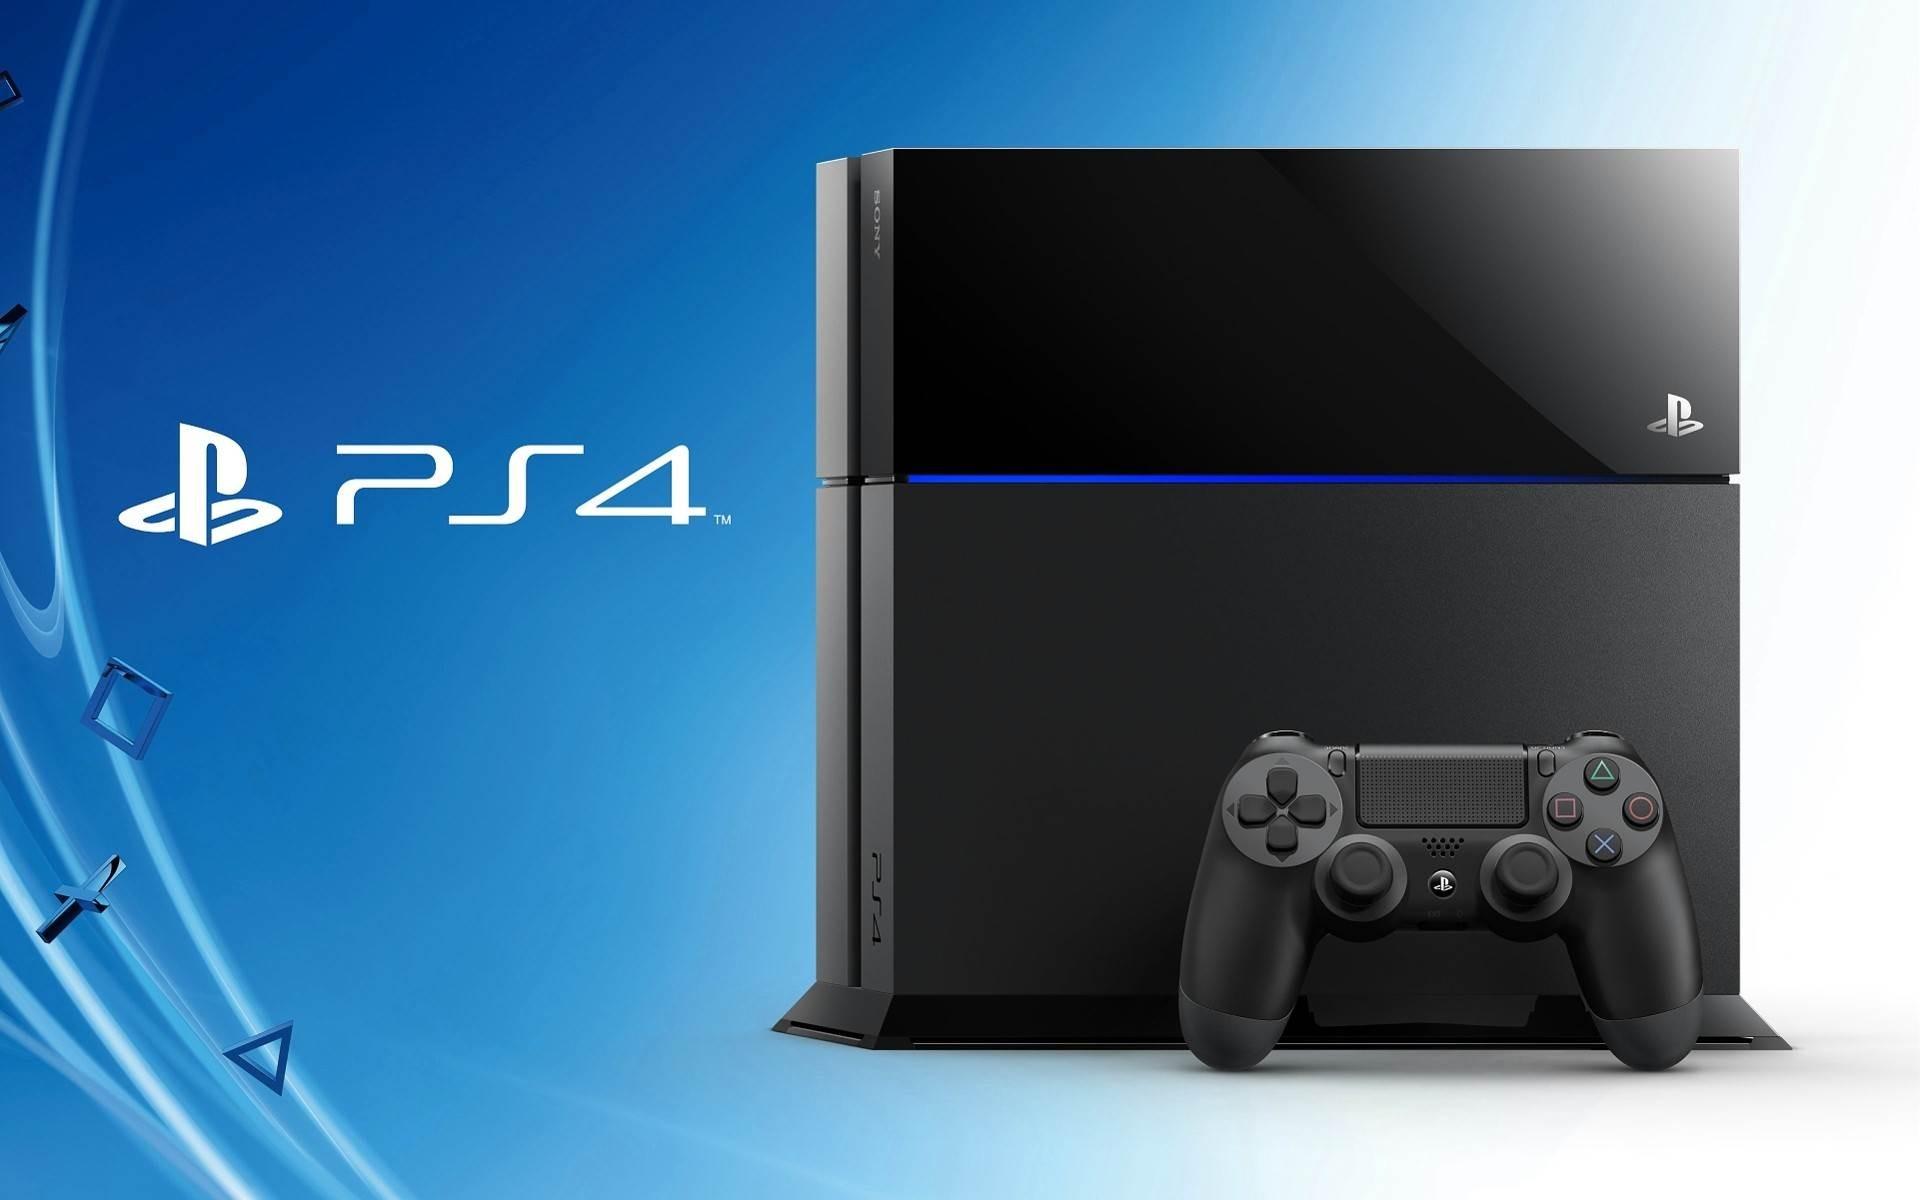 Сони выпустила новейшую прошивку для PS 4